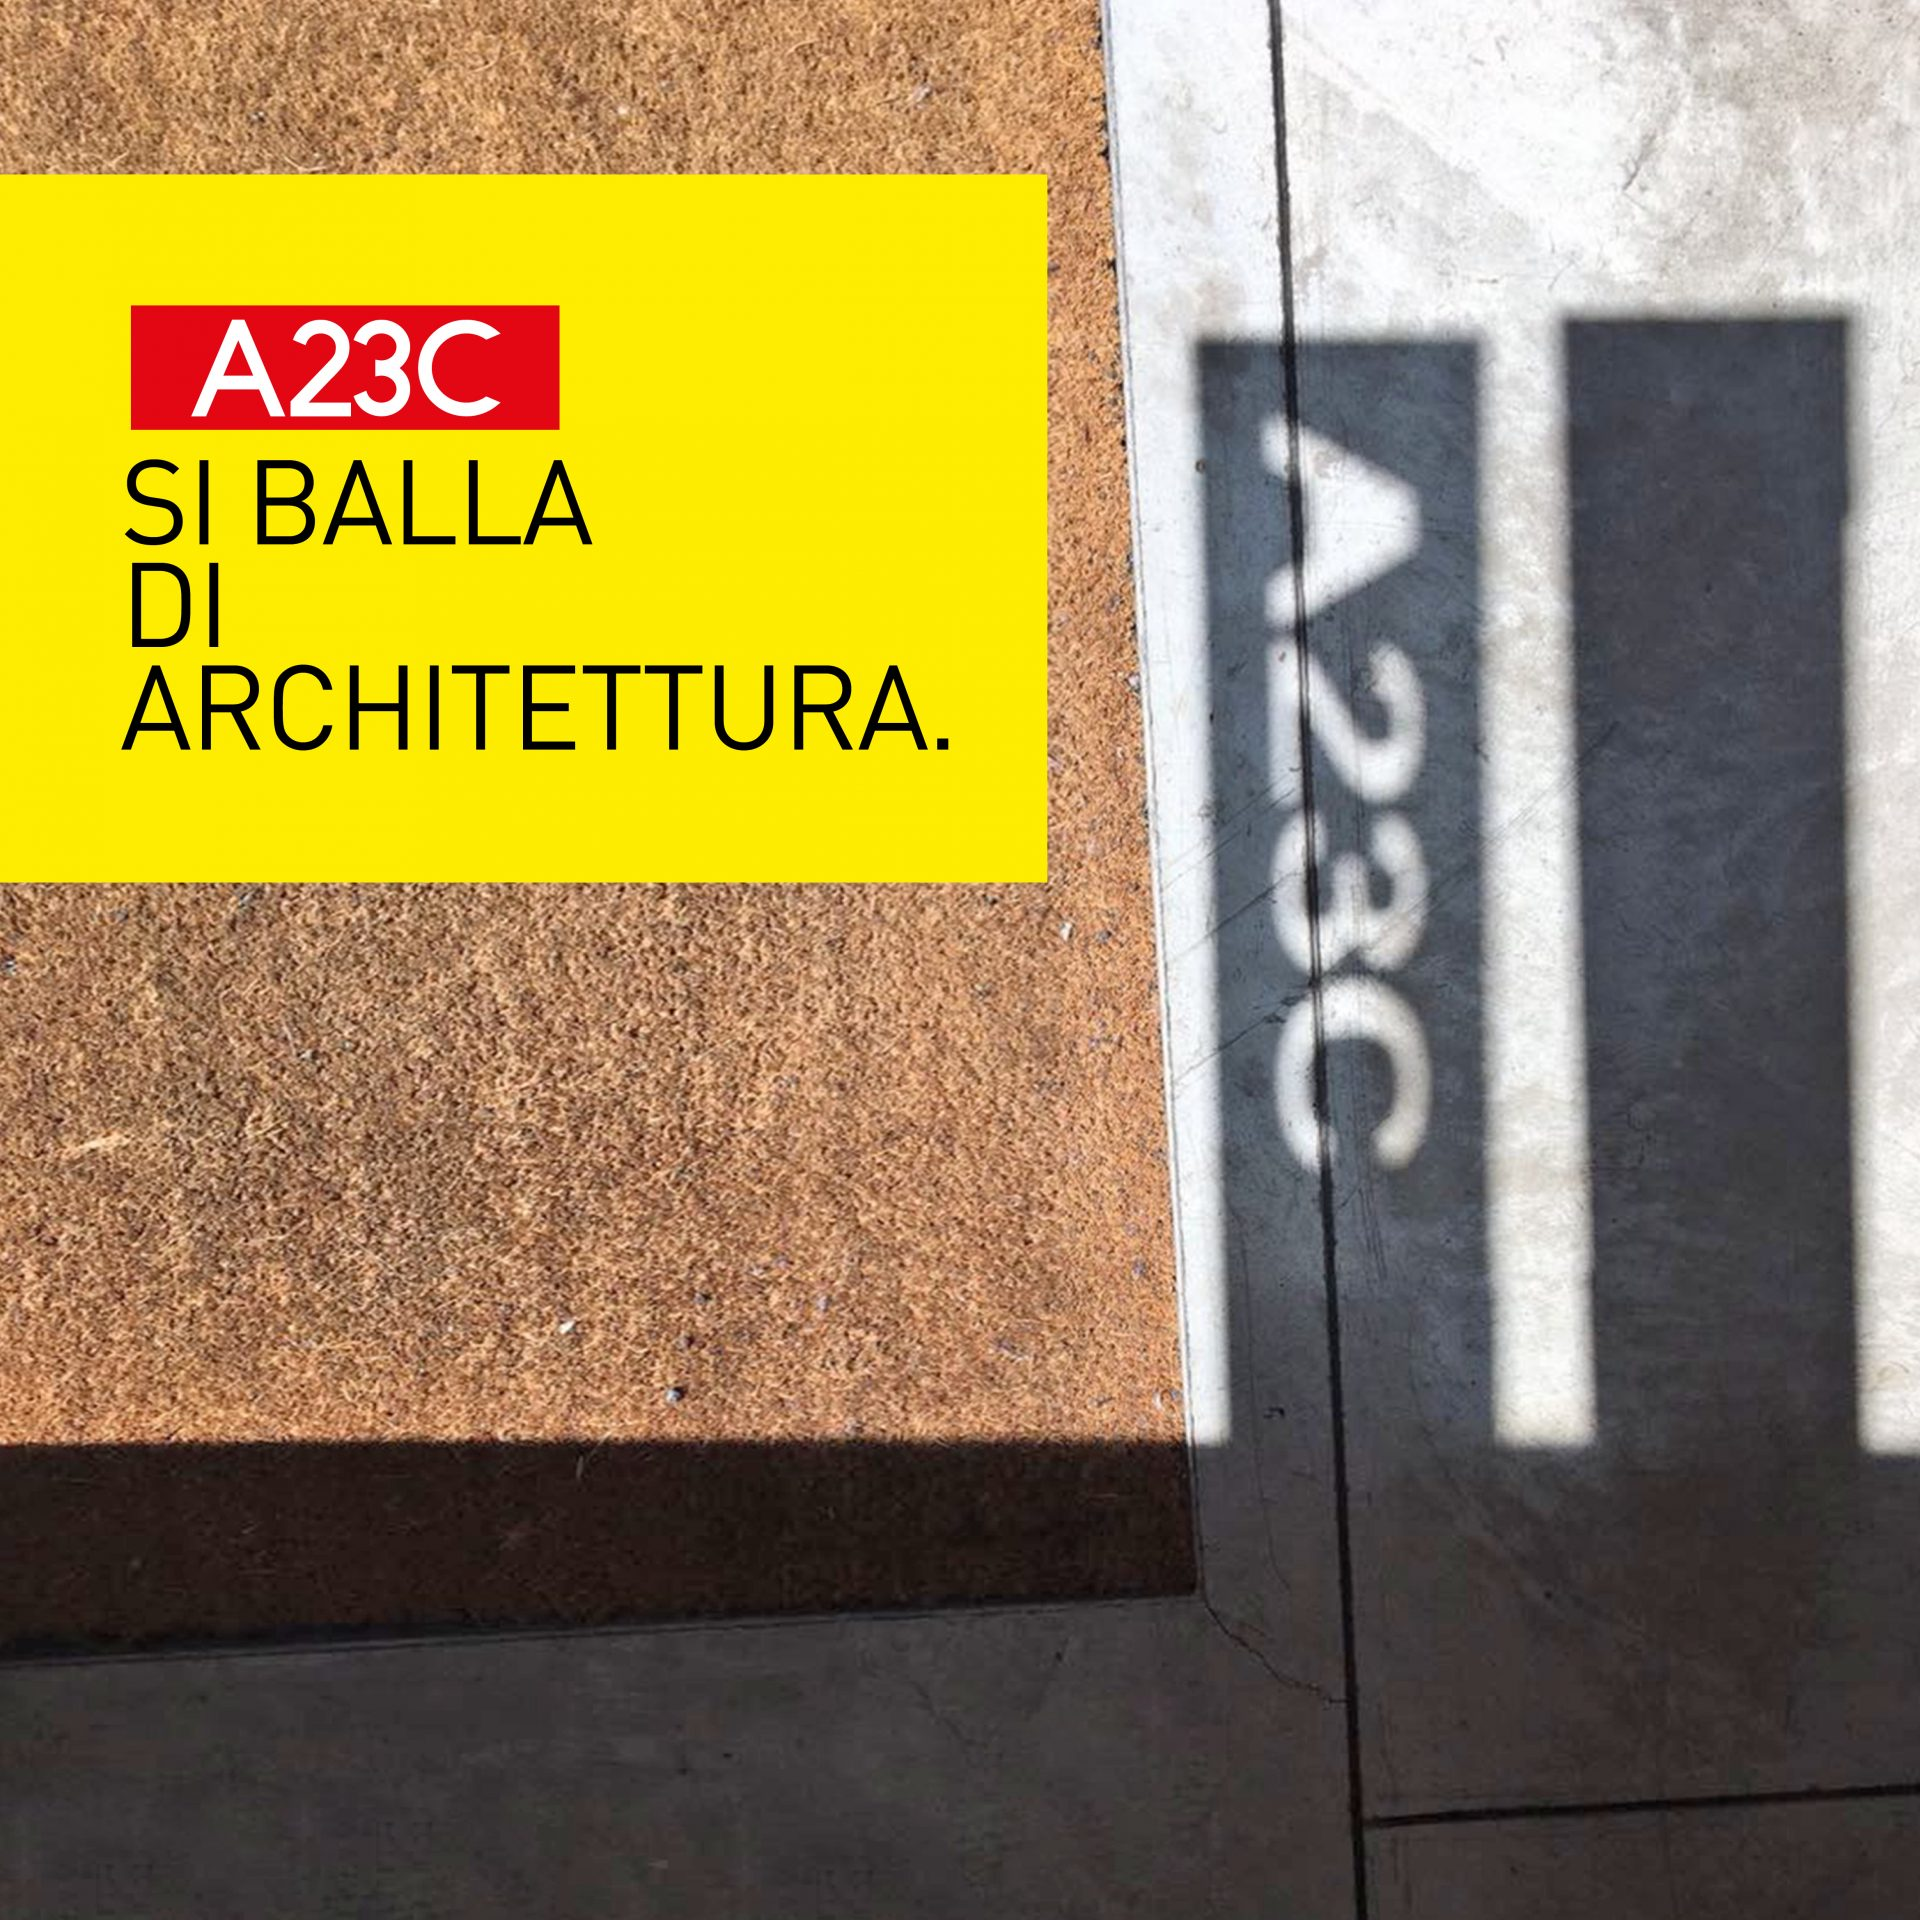 Ombra proiettata dello stemma dello studio A23C inserito nella maniglia della porta